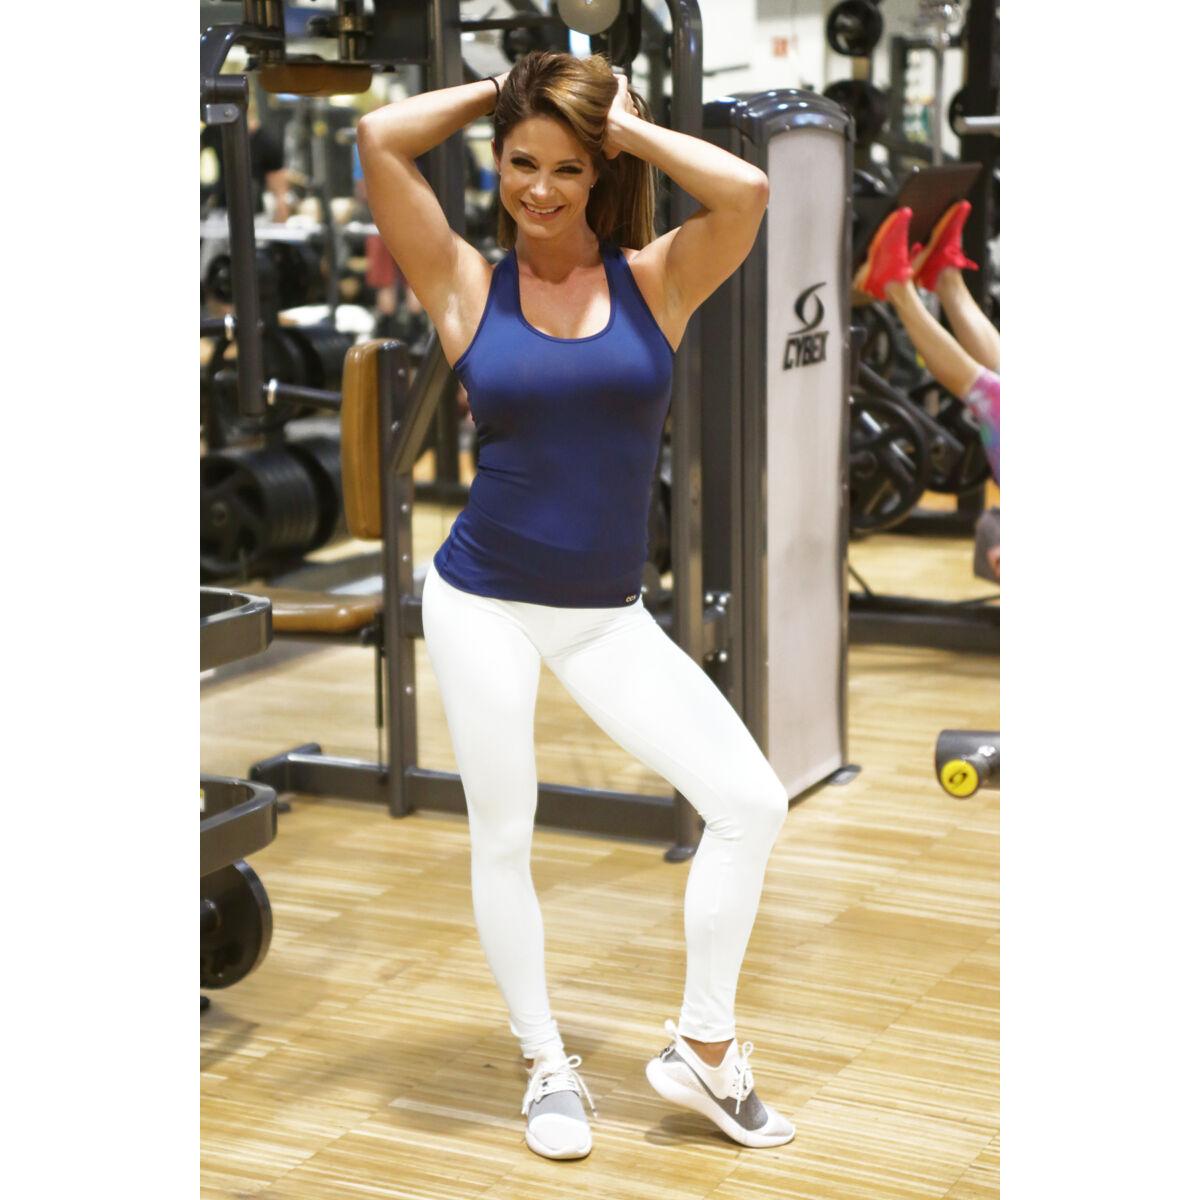 Női basic fitness szett, fehér-sötétkék